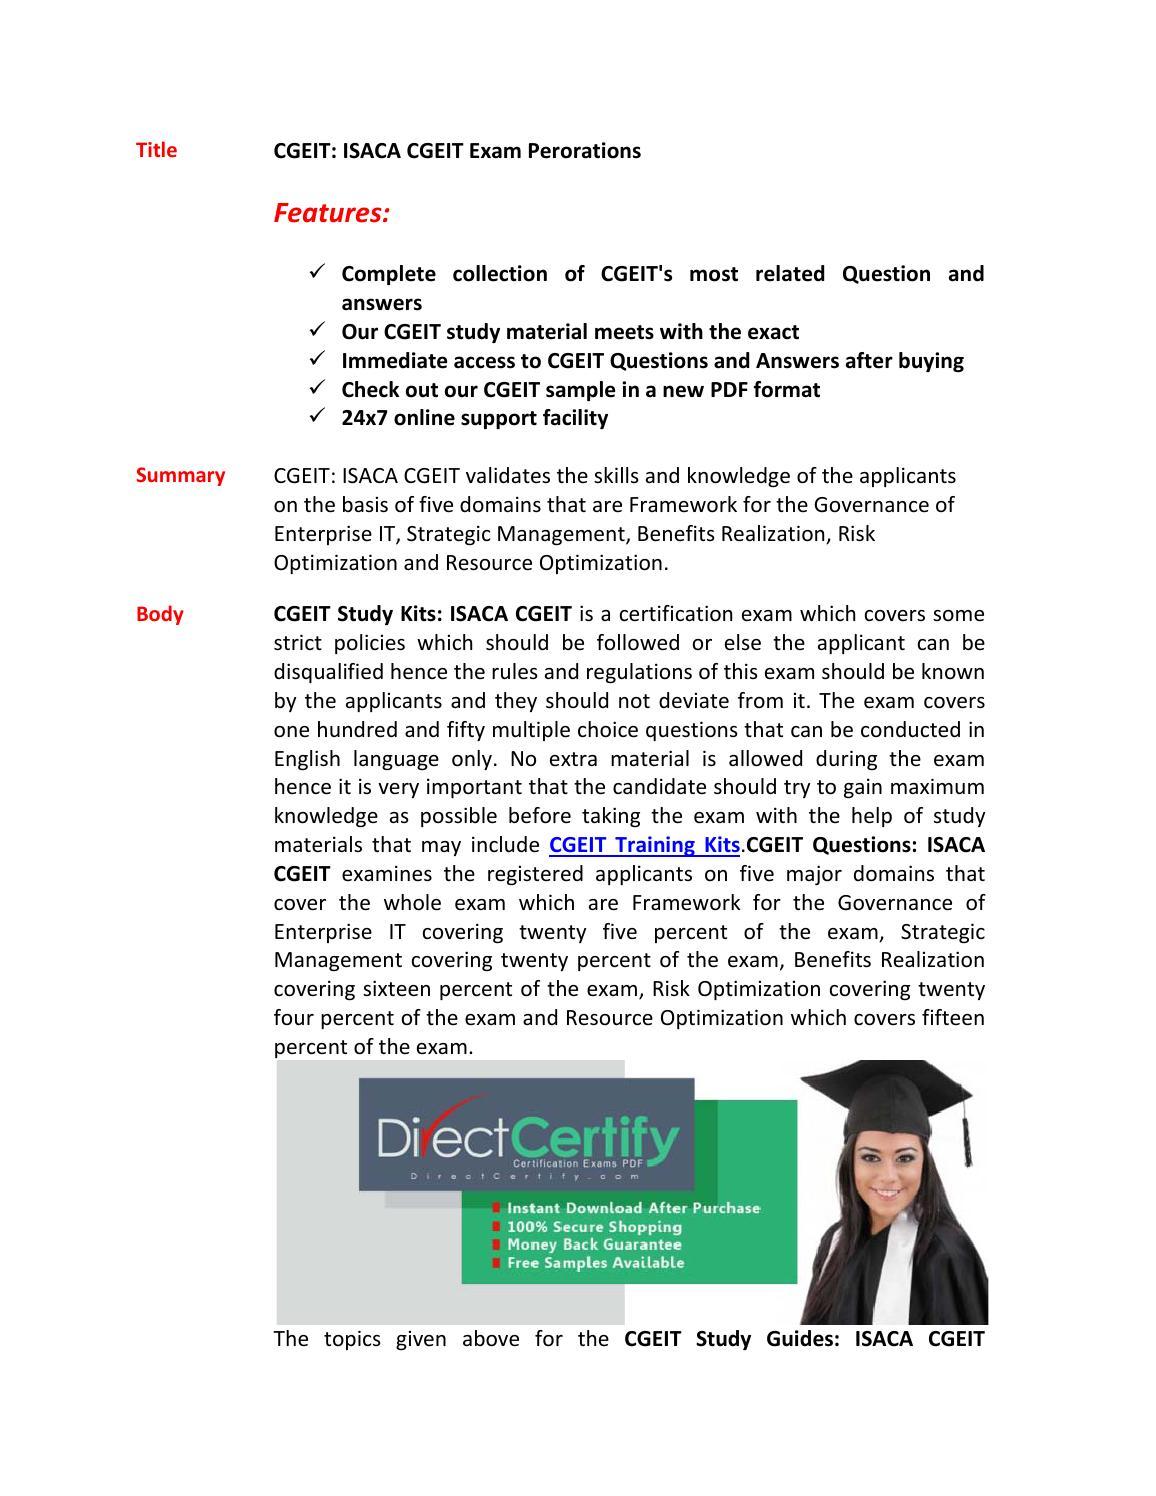 CGEIT Study Materials - ISACA